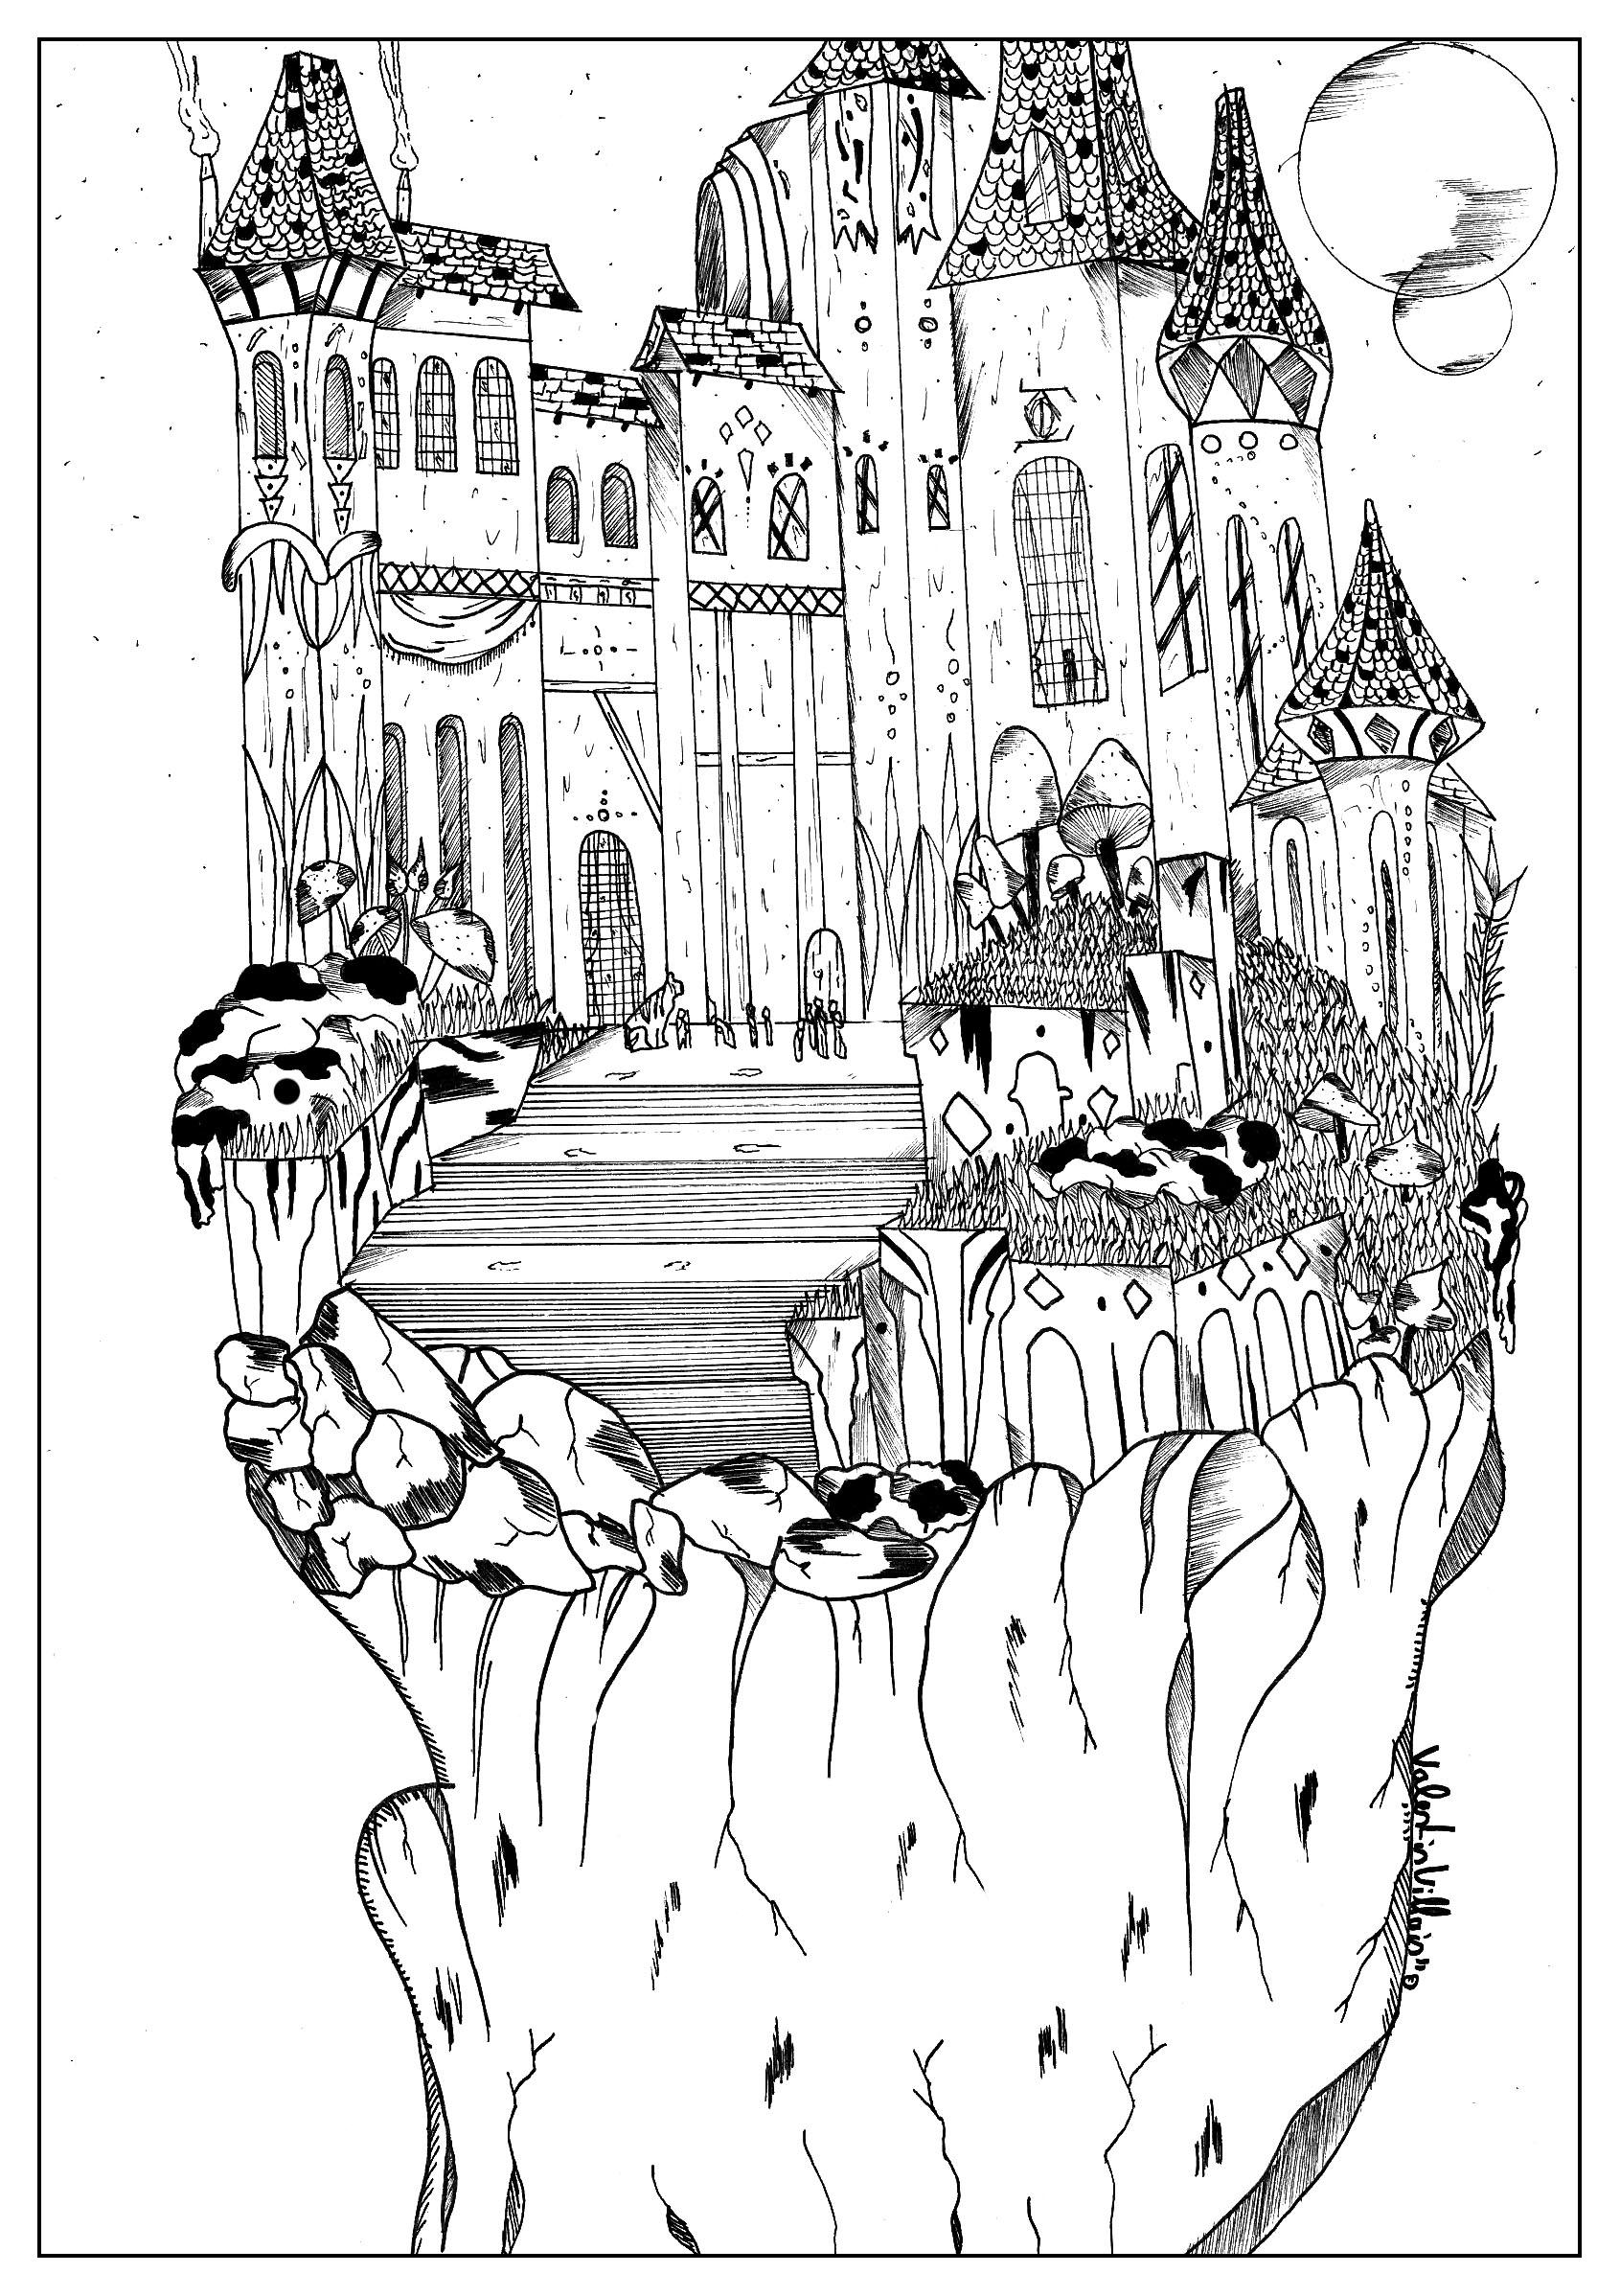 Mitos y leyendas 19459 - valentin - Colorear para Adultos